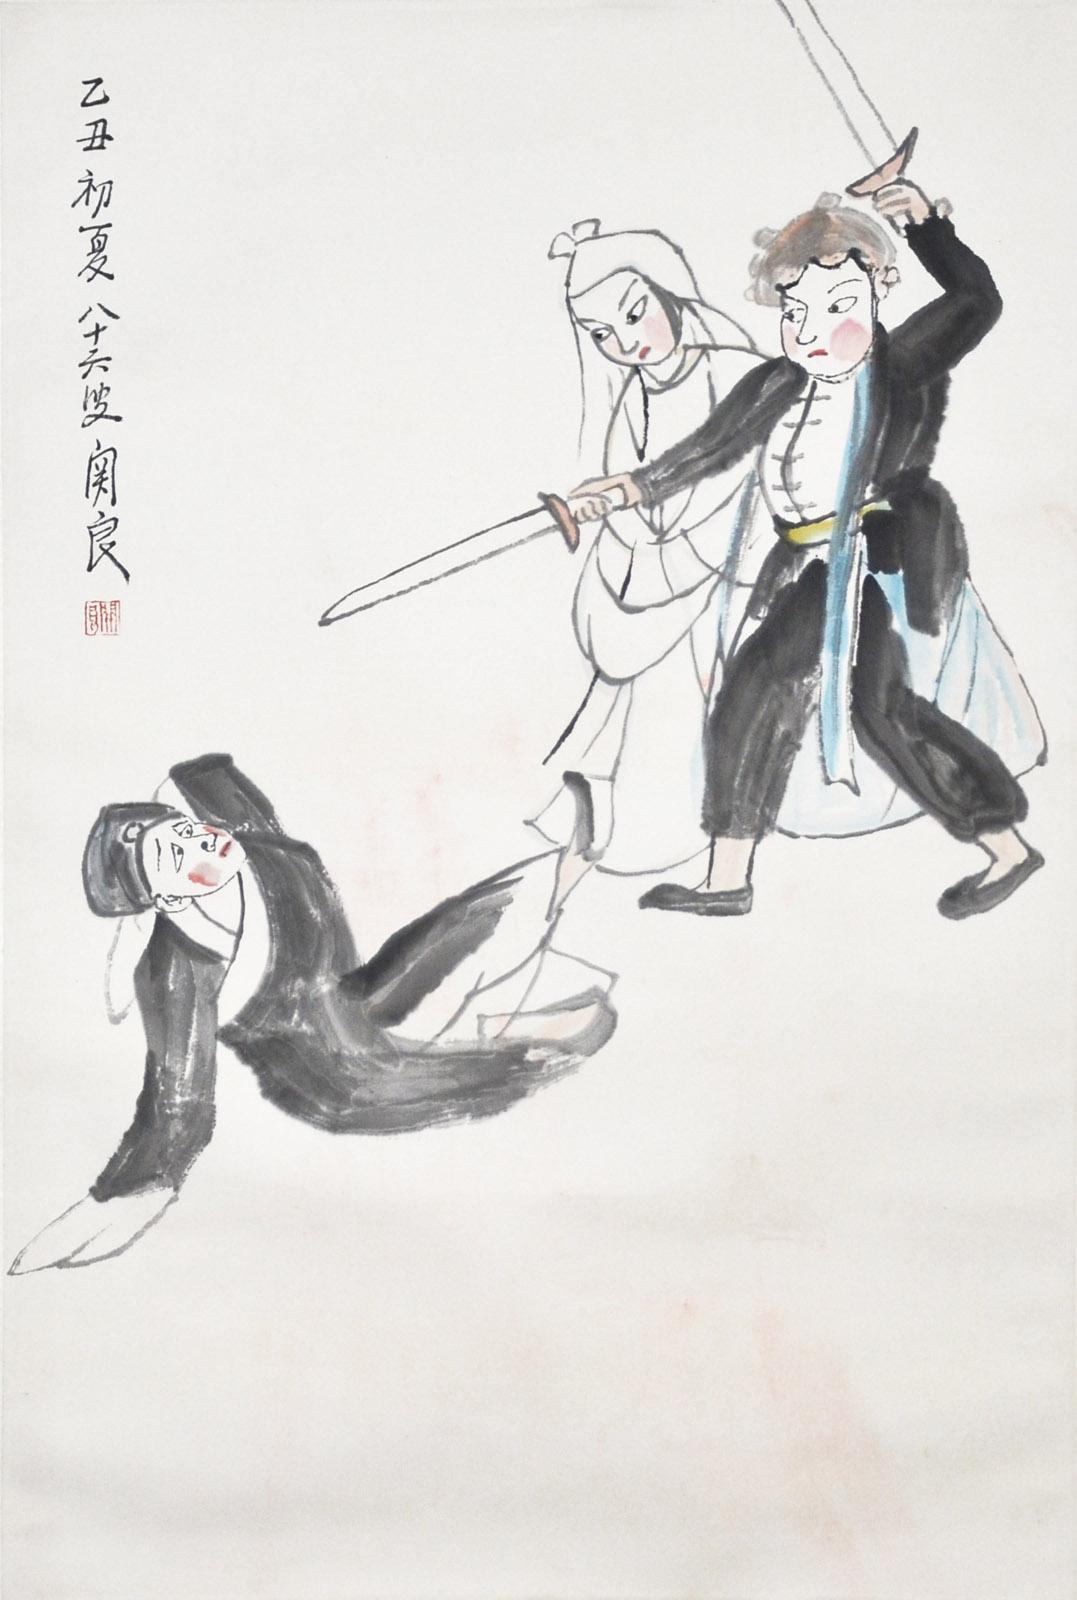 Lot 60 - 關良  (1900 - 1986)  歷史人物故事  設色水墨紙本立軸  1985 年作  款識:乙丑初夏八十六叟關良  鈐印:(關良)  Guan Liang  Opera